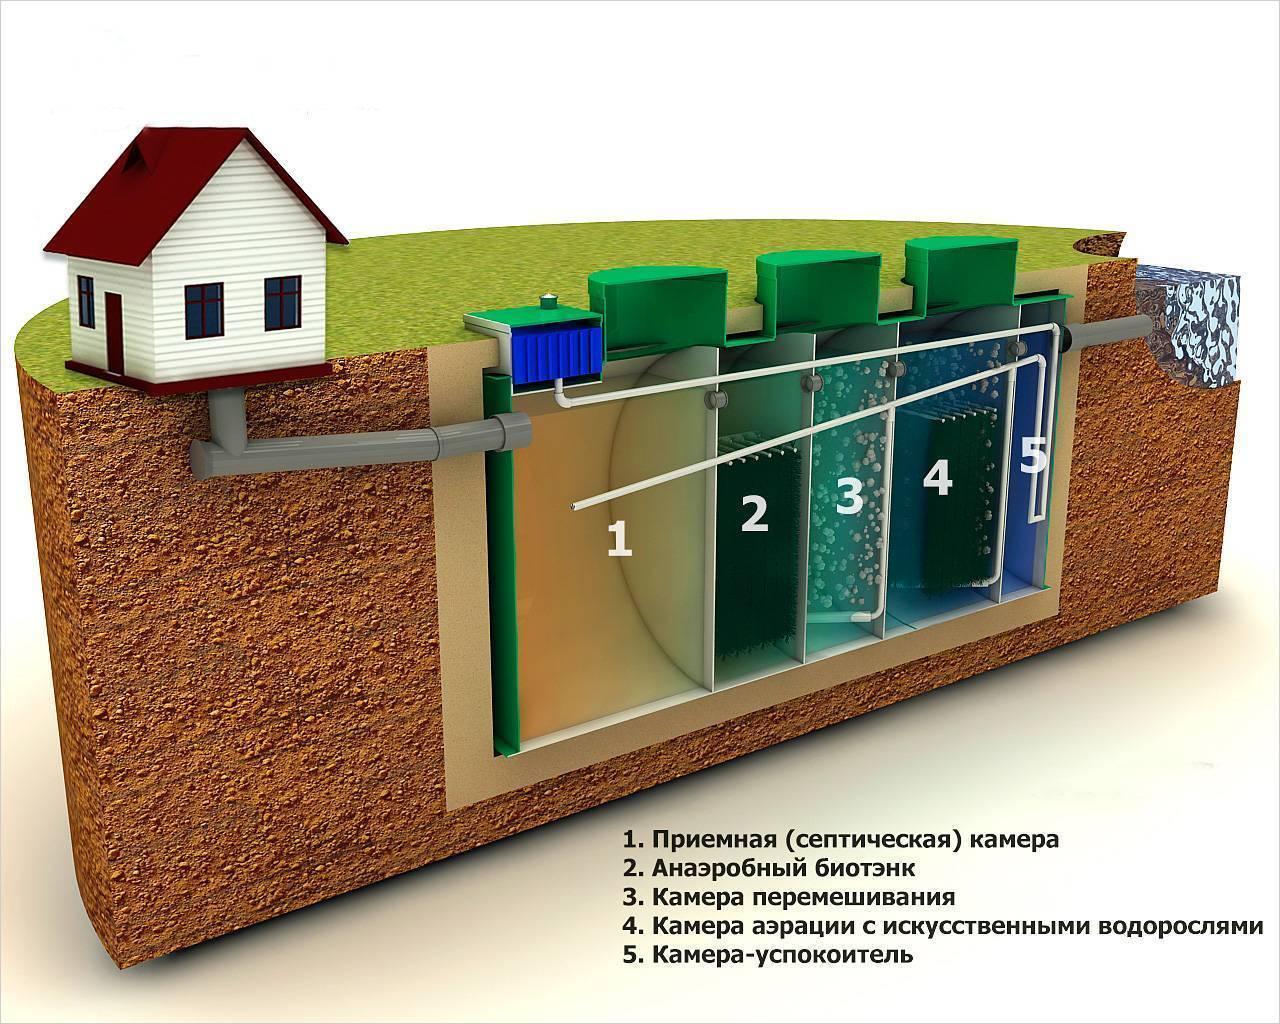 Септик для частного дома: устройство, виды, какой лучше | инженер подскажет как сделать